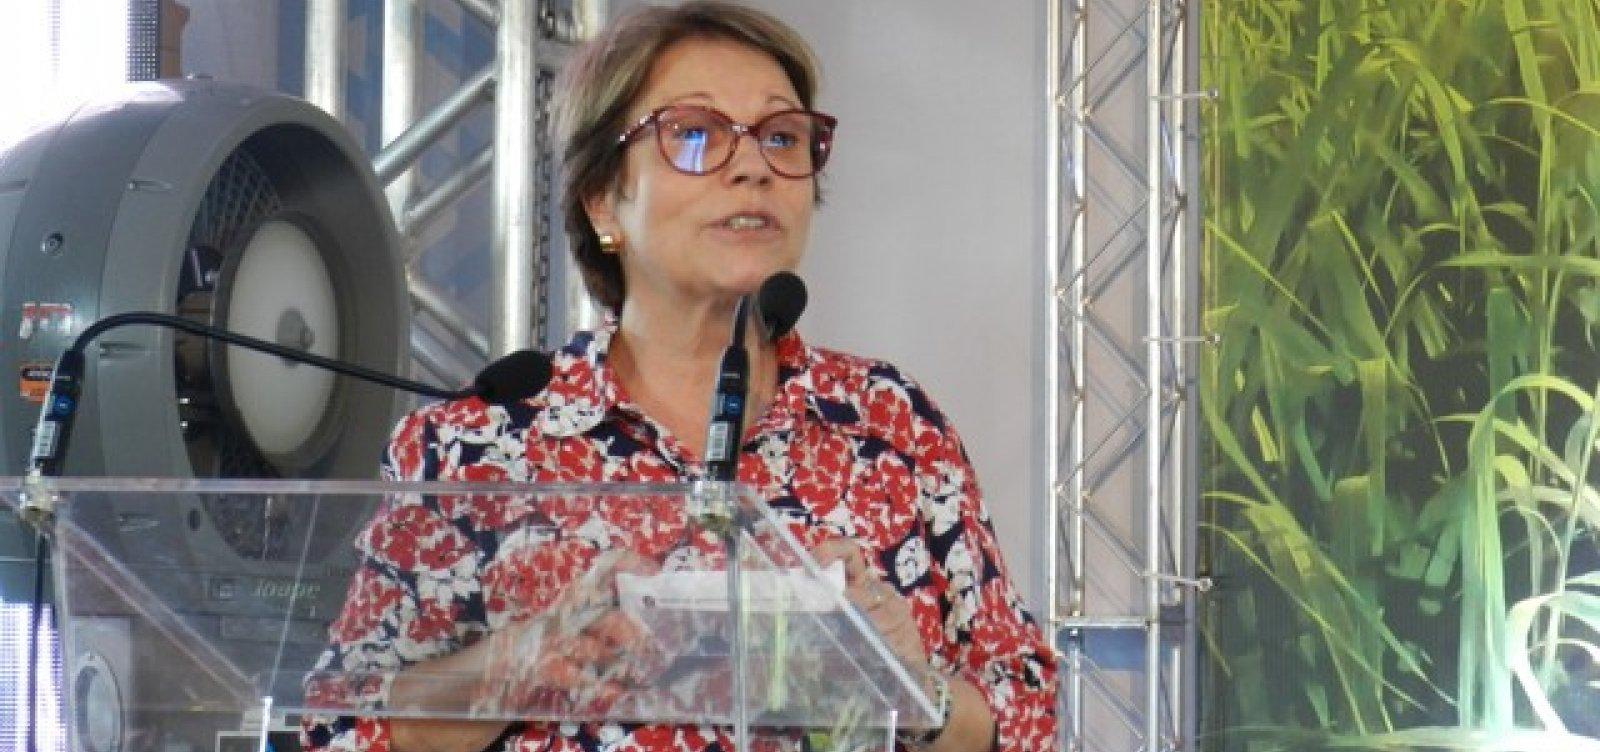 Ministra diz que fim de recursos para financiamentos é boa notícia e descarta corte no plano Safra